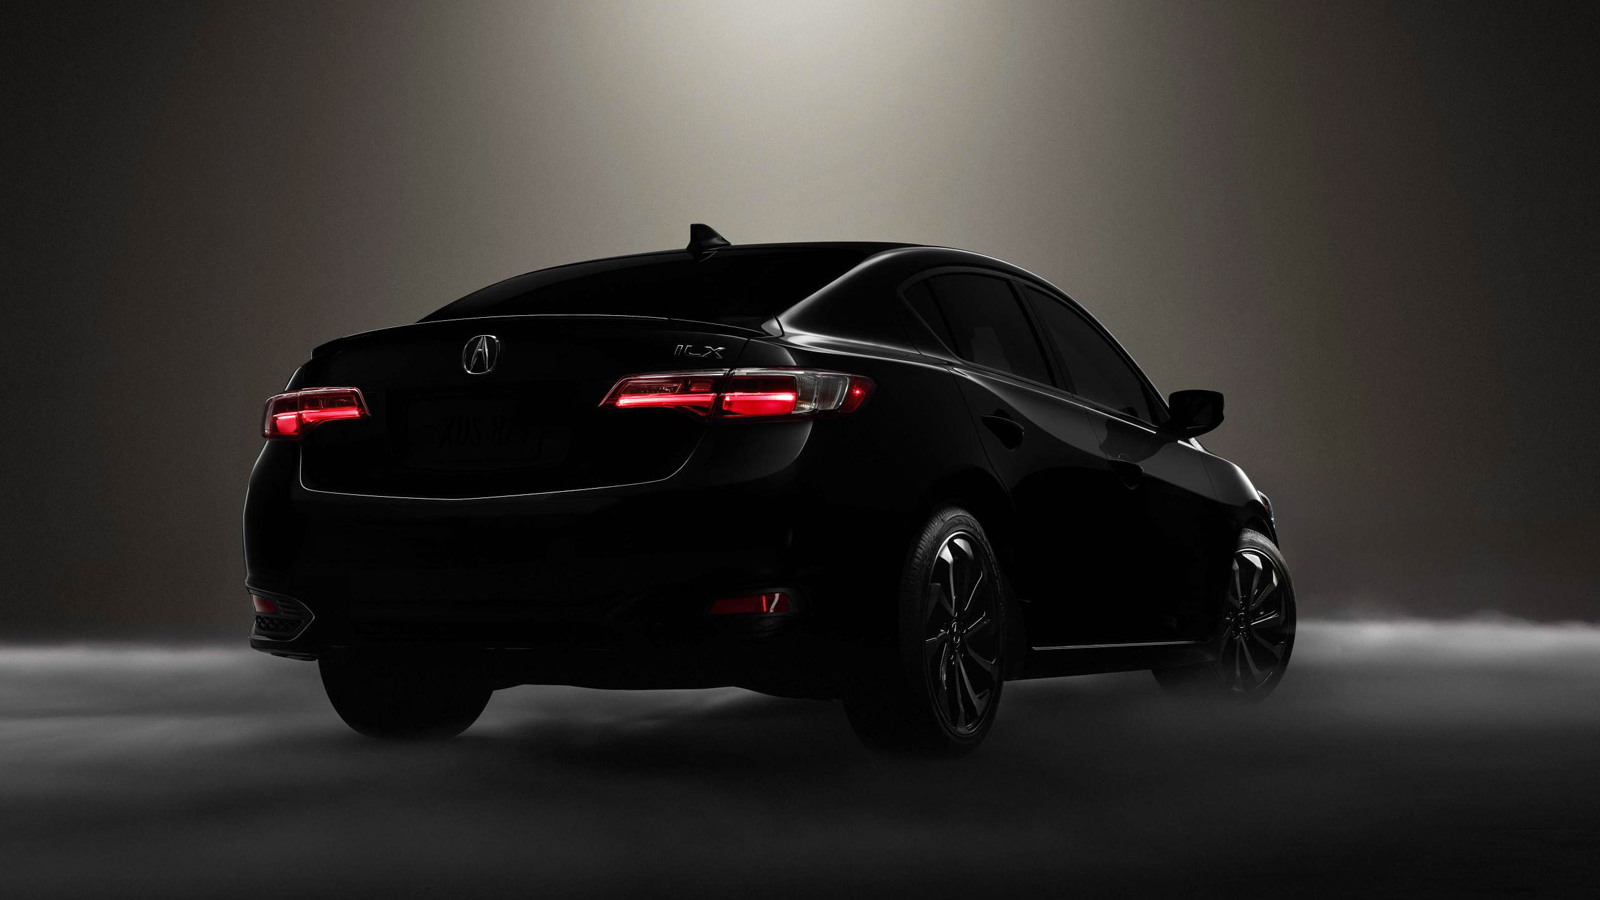 Teaser for 2016 Acura ILX